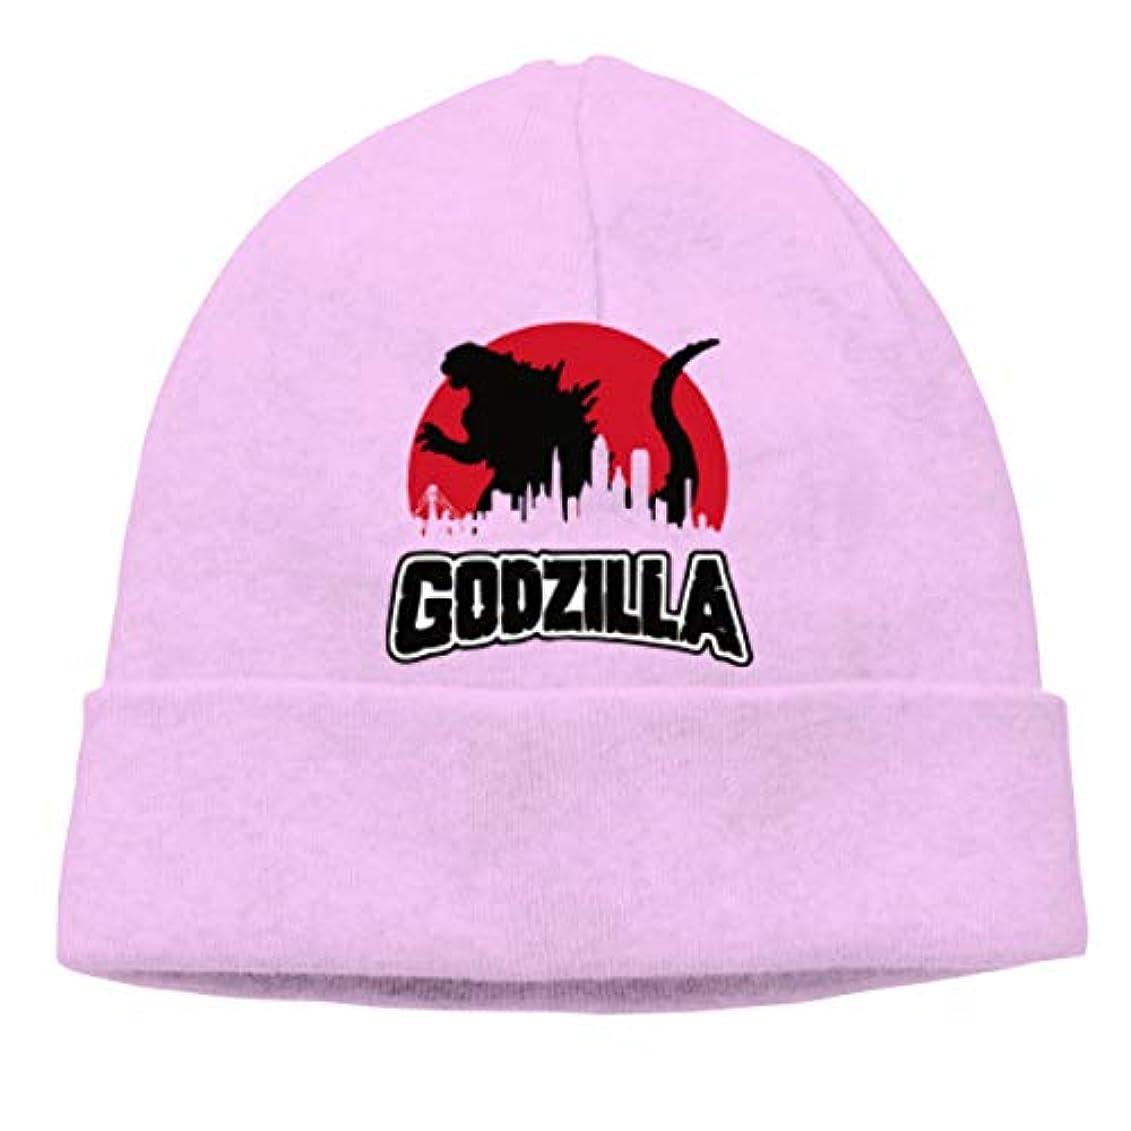 命令ミリメーター素人ゴジラ Godzilla 未知の生き物 チ性抜群 通気性抜群 柔らかい 防風 無地 優れた弾力性 フェードしません 男性用と女性用のキャップ